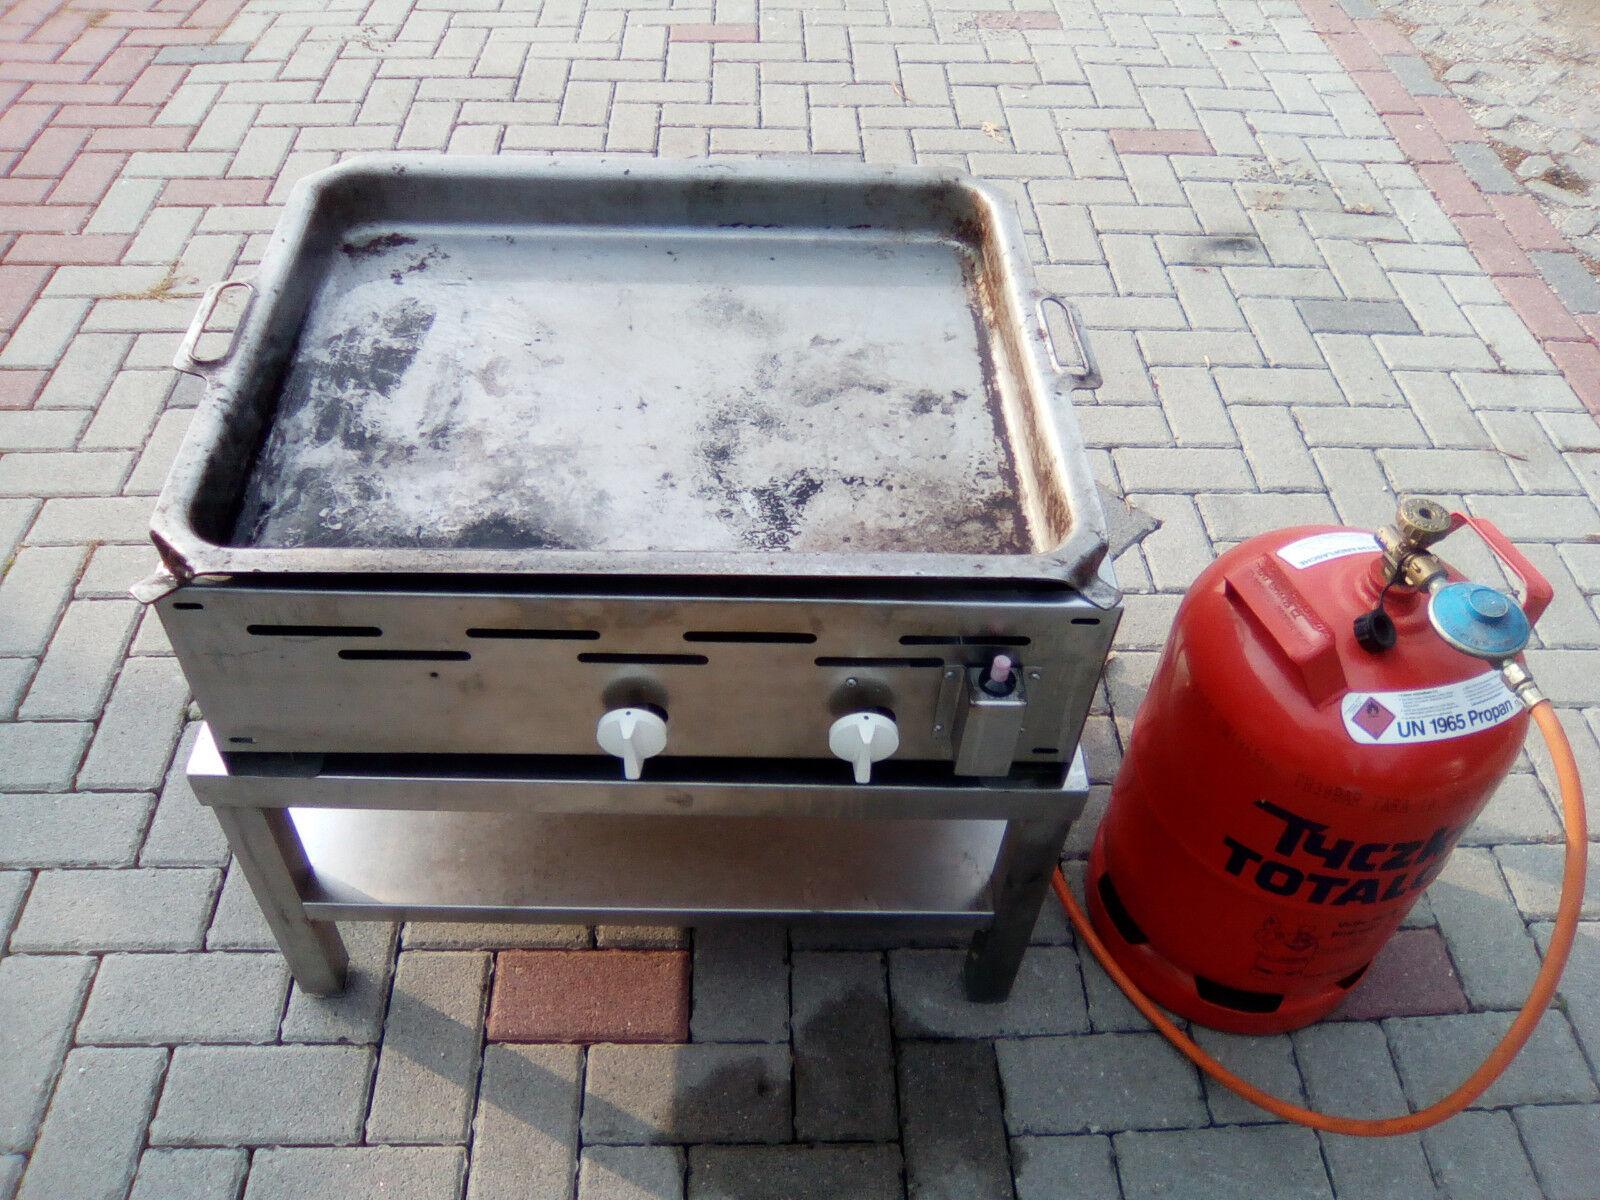 Vidaxl Gasgrill Test : Grill küche test vergleich grill küche günstig kaufen